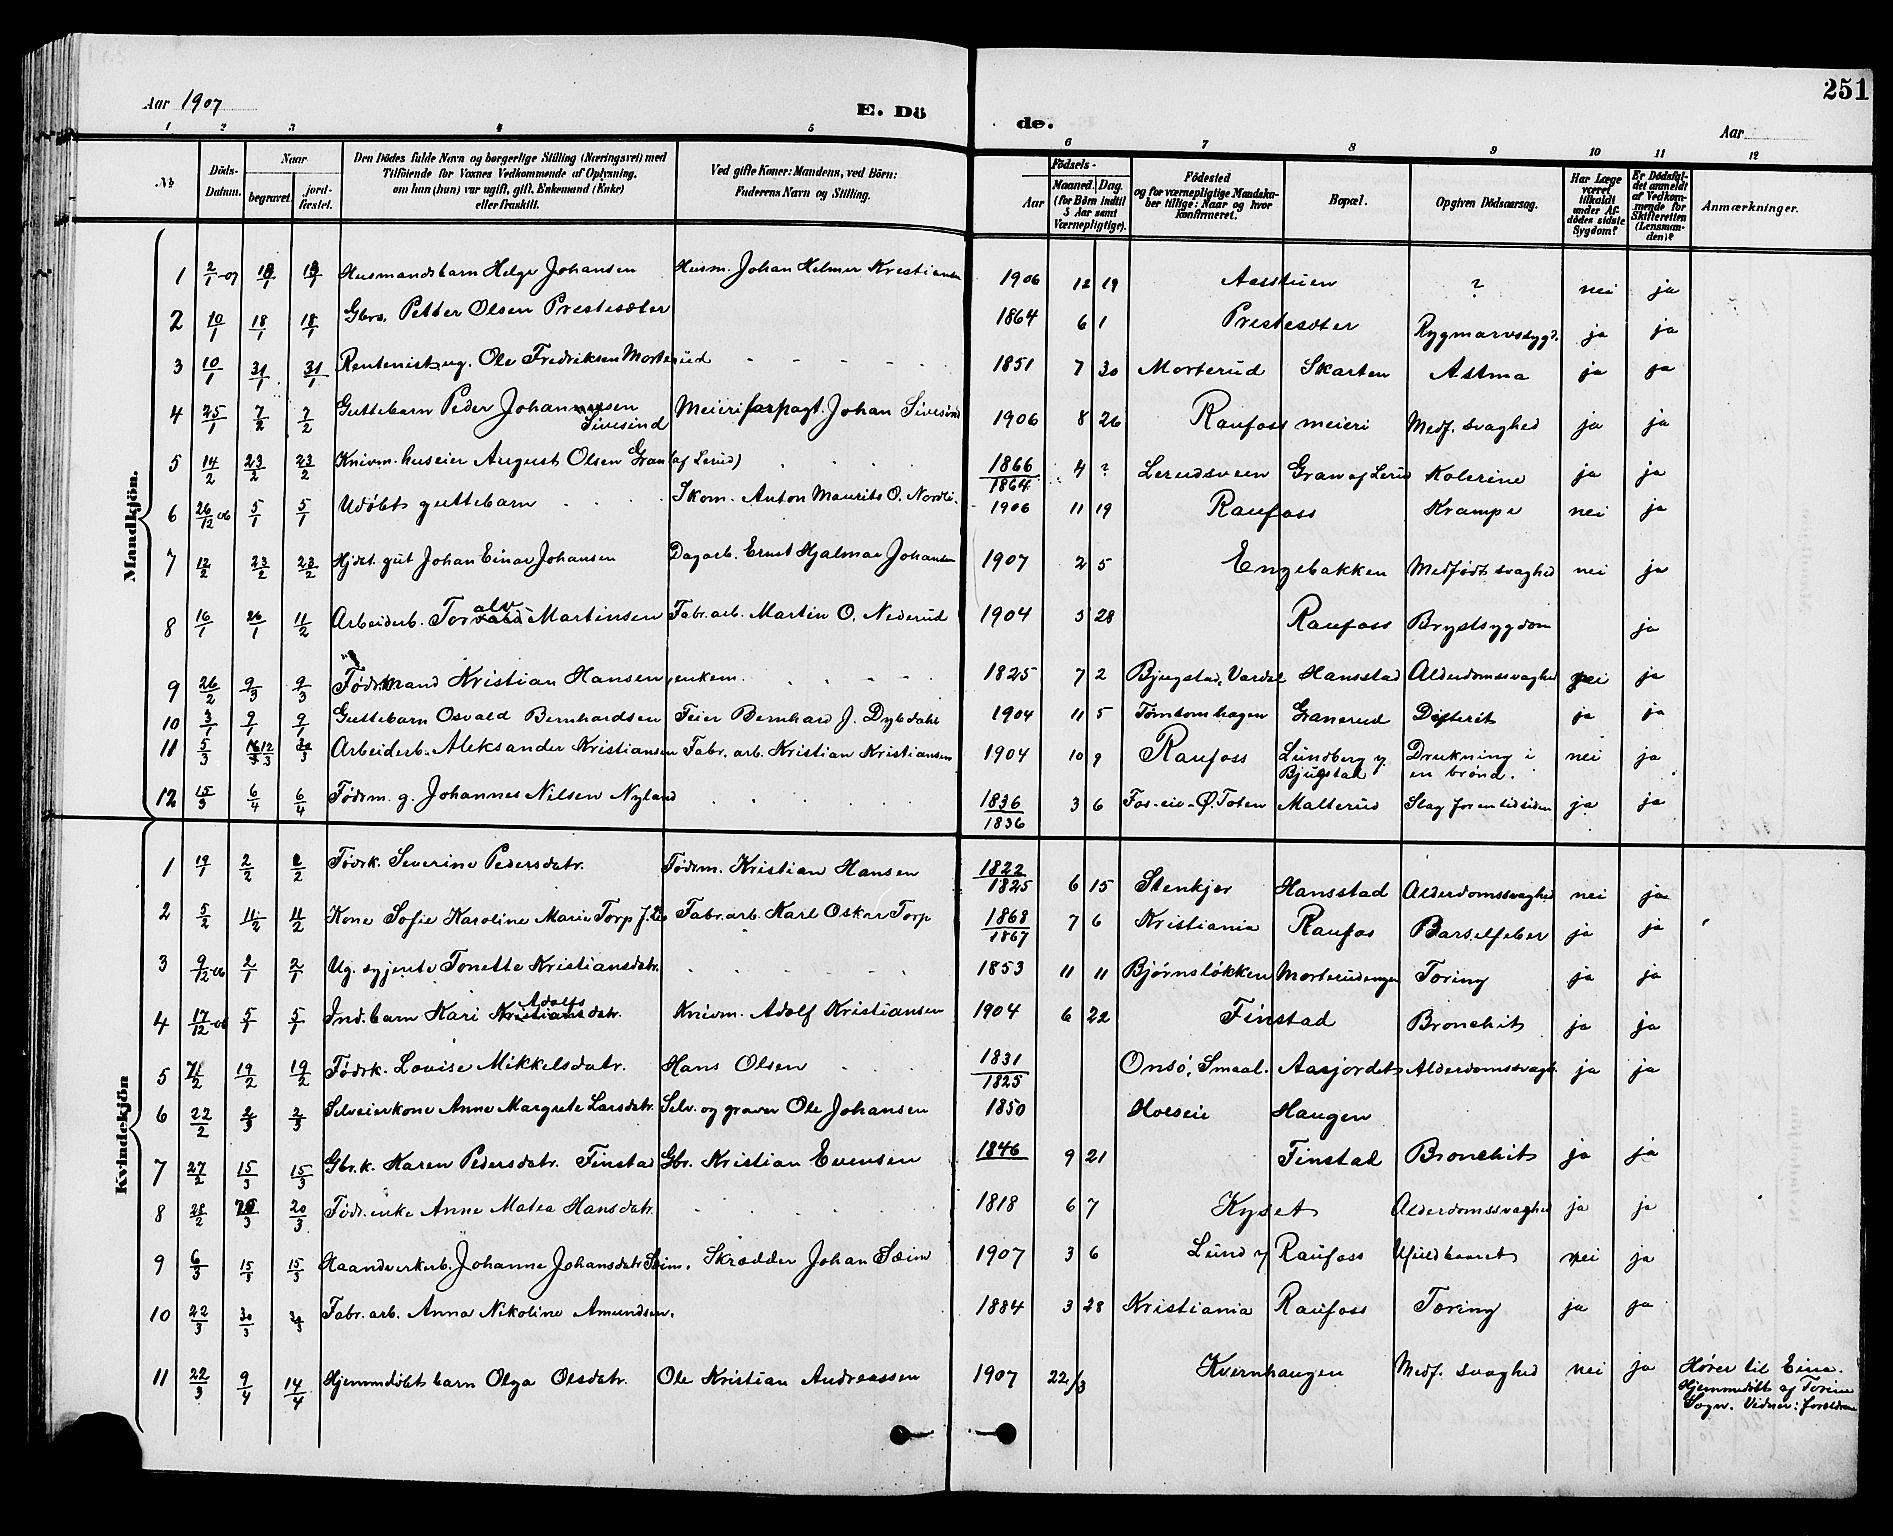 SAH, Vestre Toten prestekontor, Klokkerbok nr. 10, 1900-1912, s. 251